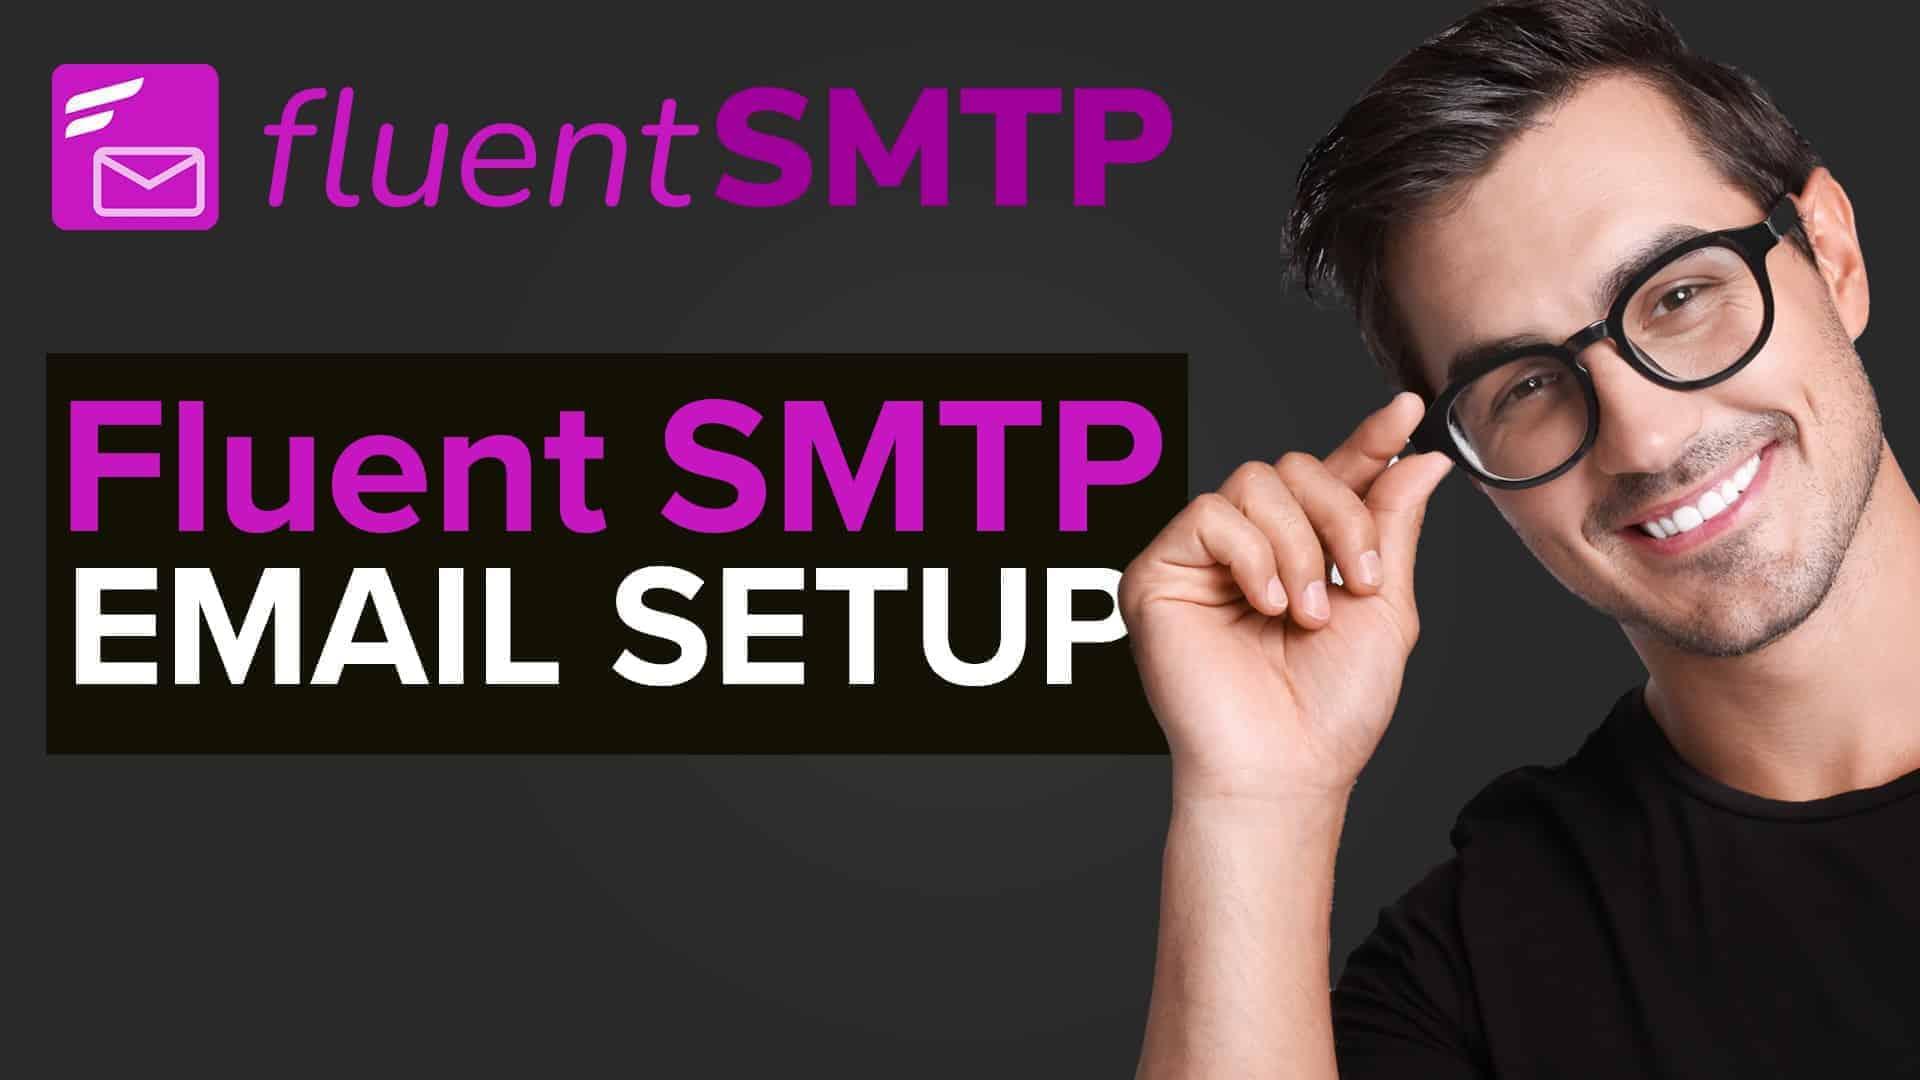 Fluent SMTPThumbnail